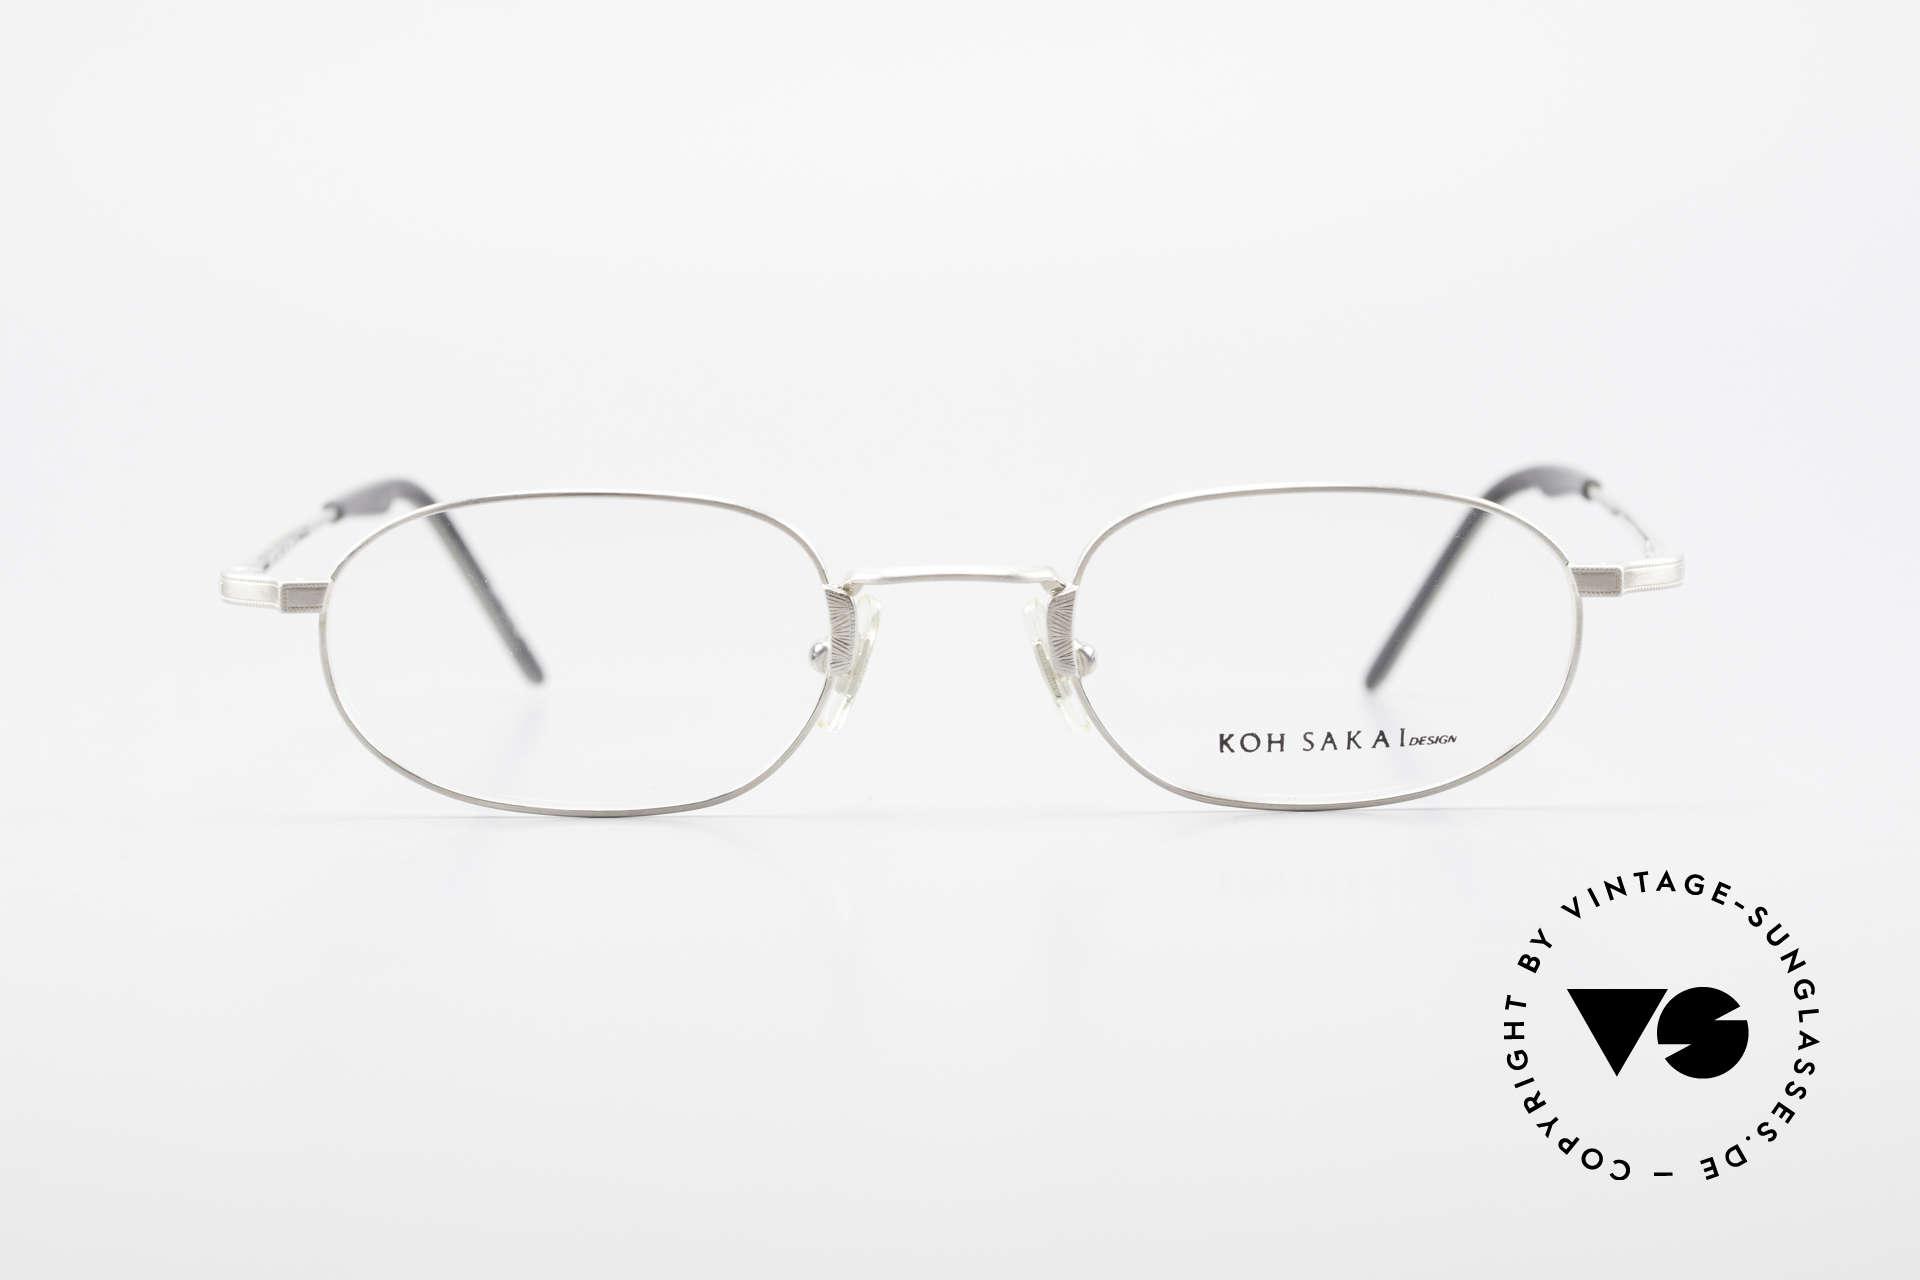 Koh Sakai KS9706 Analog Oliver Peoples Eyevan, Size: medium, Made for Men and Women